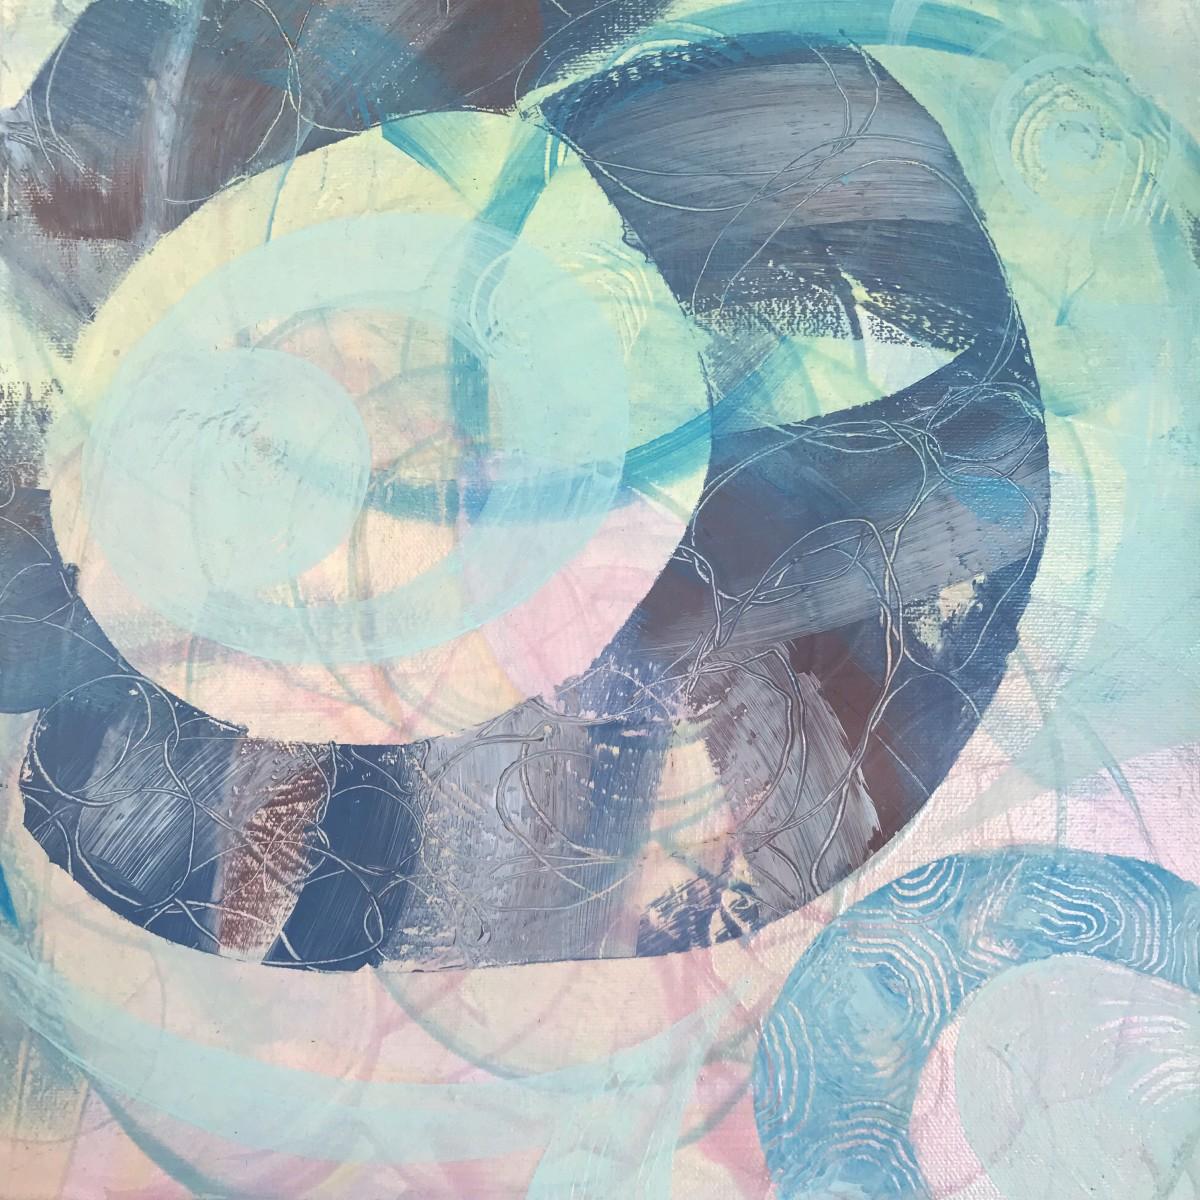 Intrinsic by Joanne Probyn